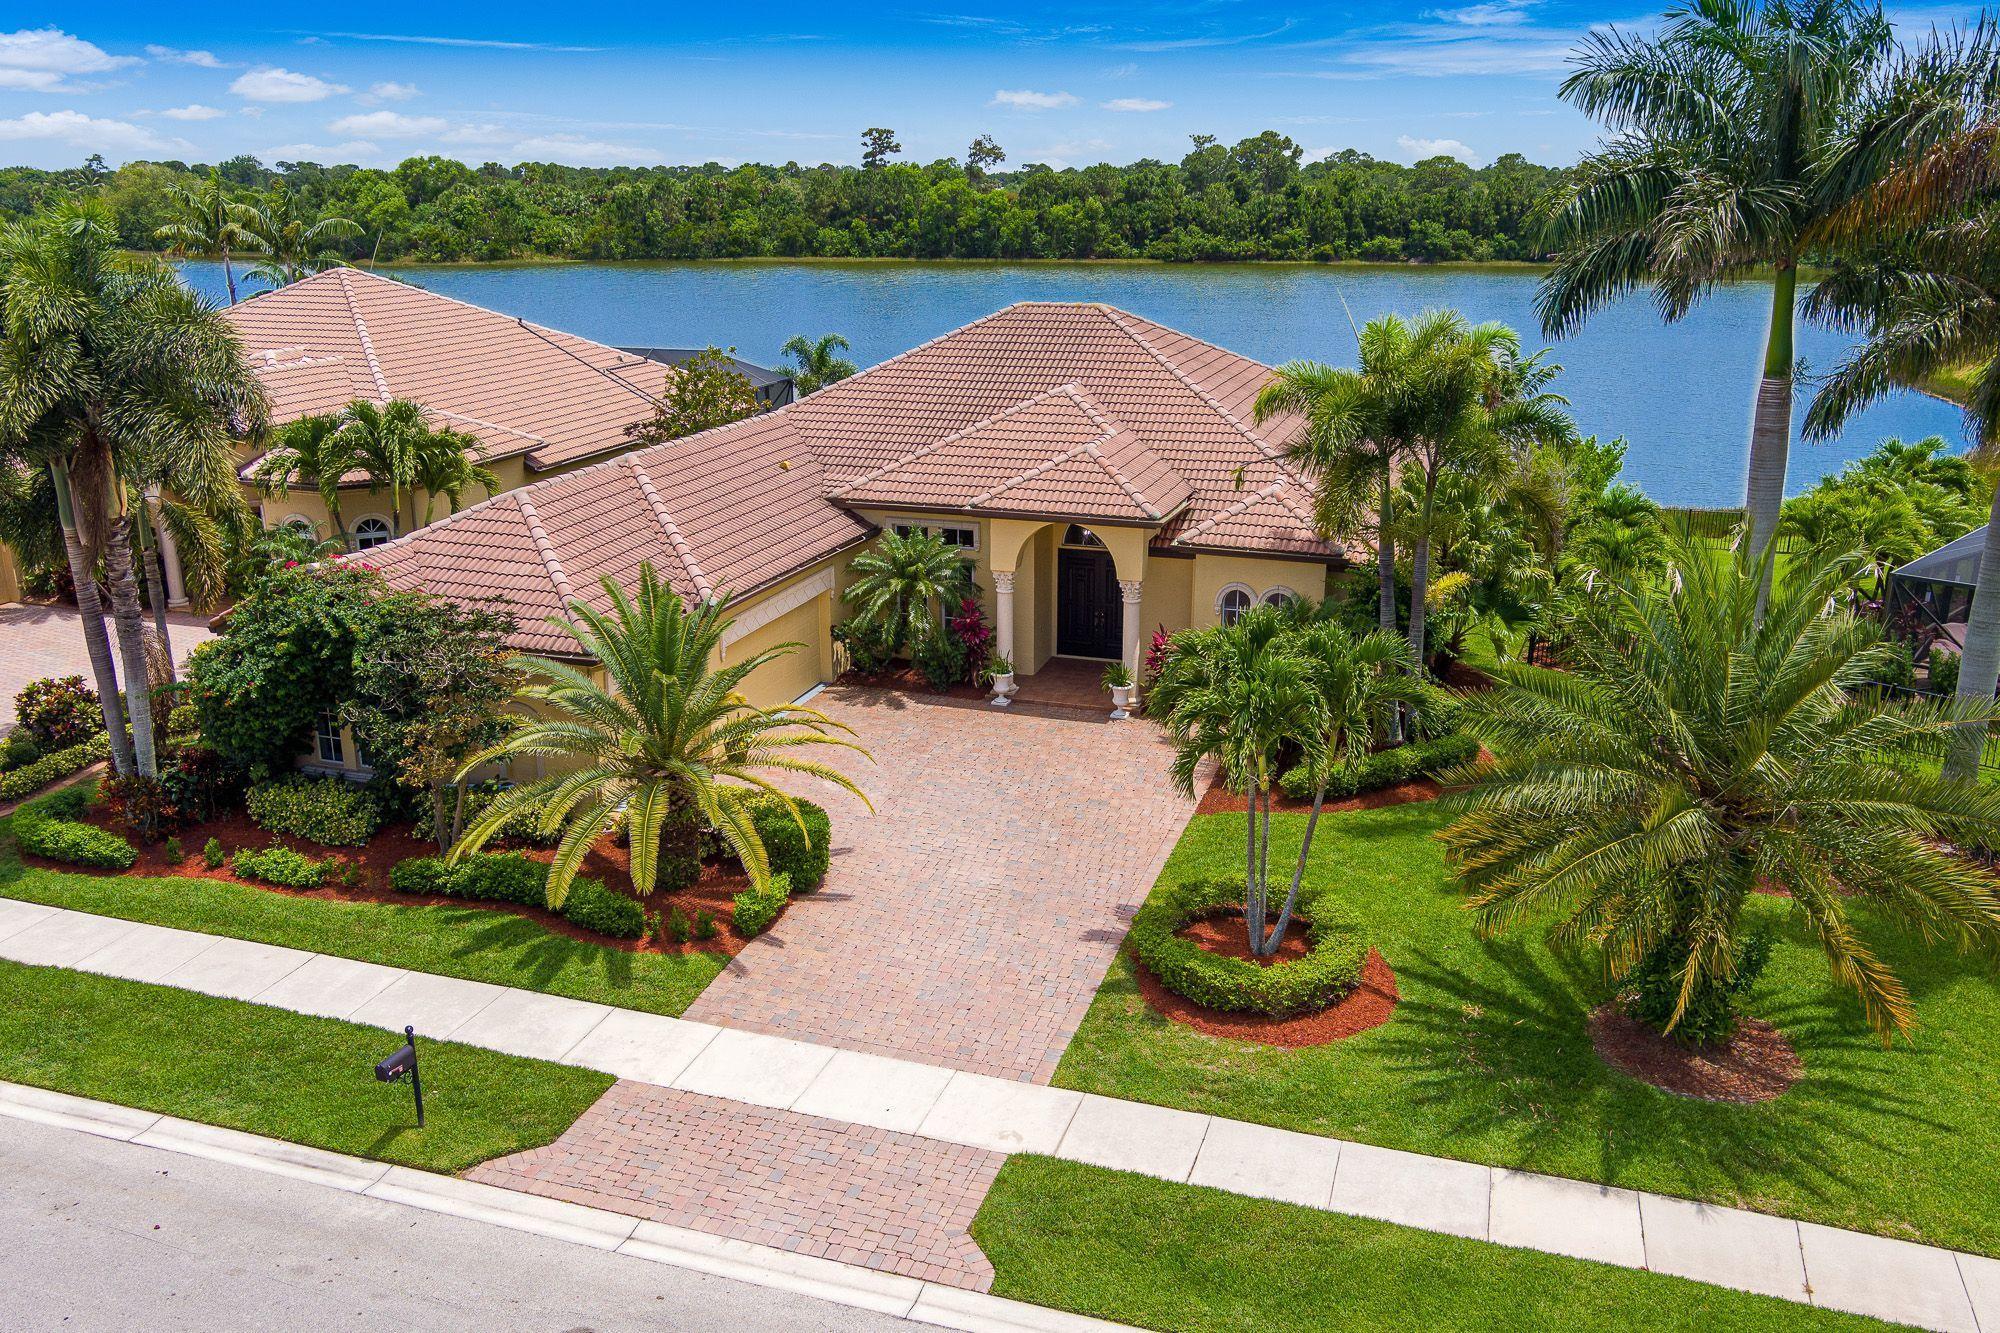 889 Sw Grand Reserve Boulevard, Saint Lucie West, FL 34986